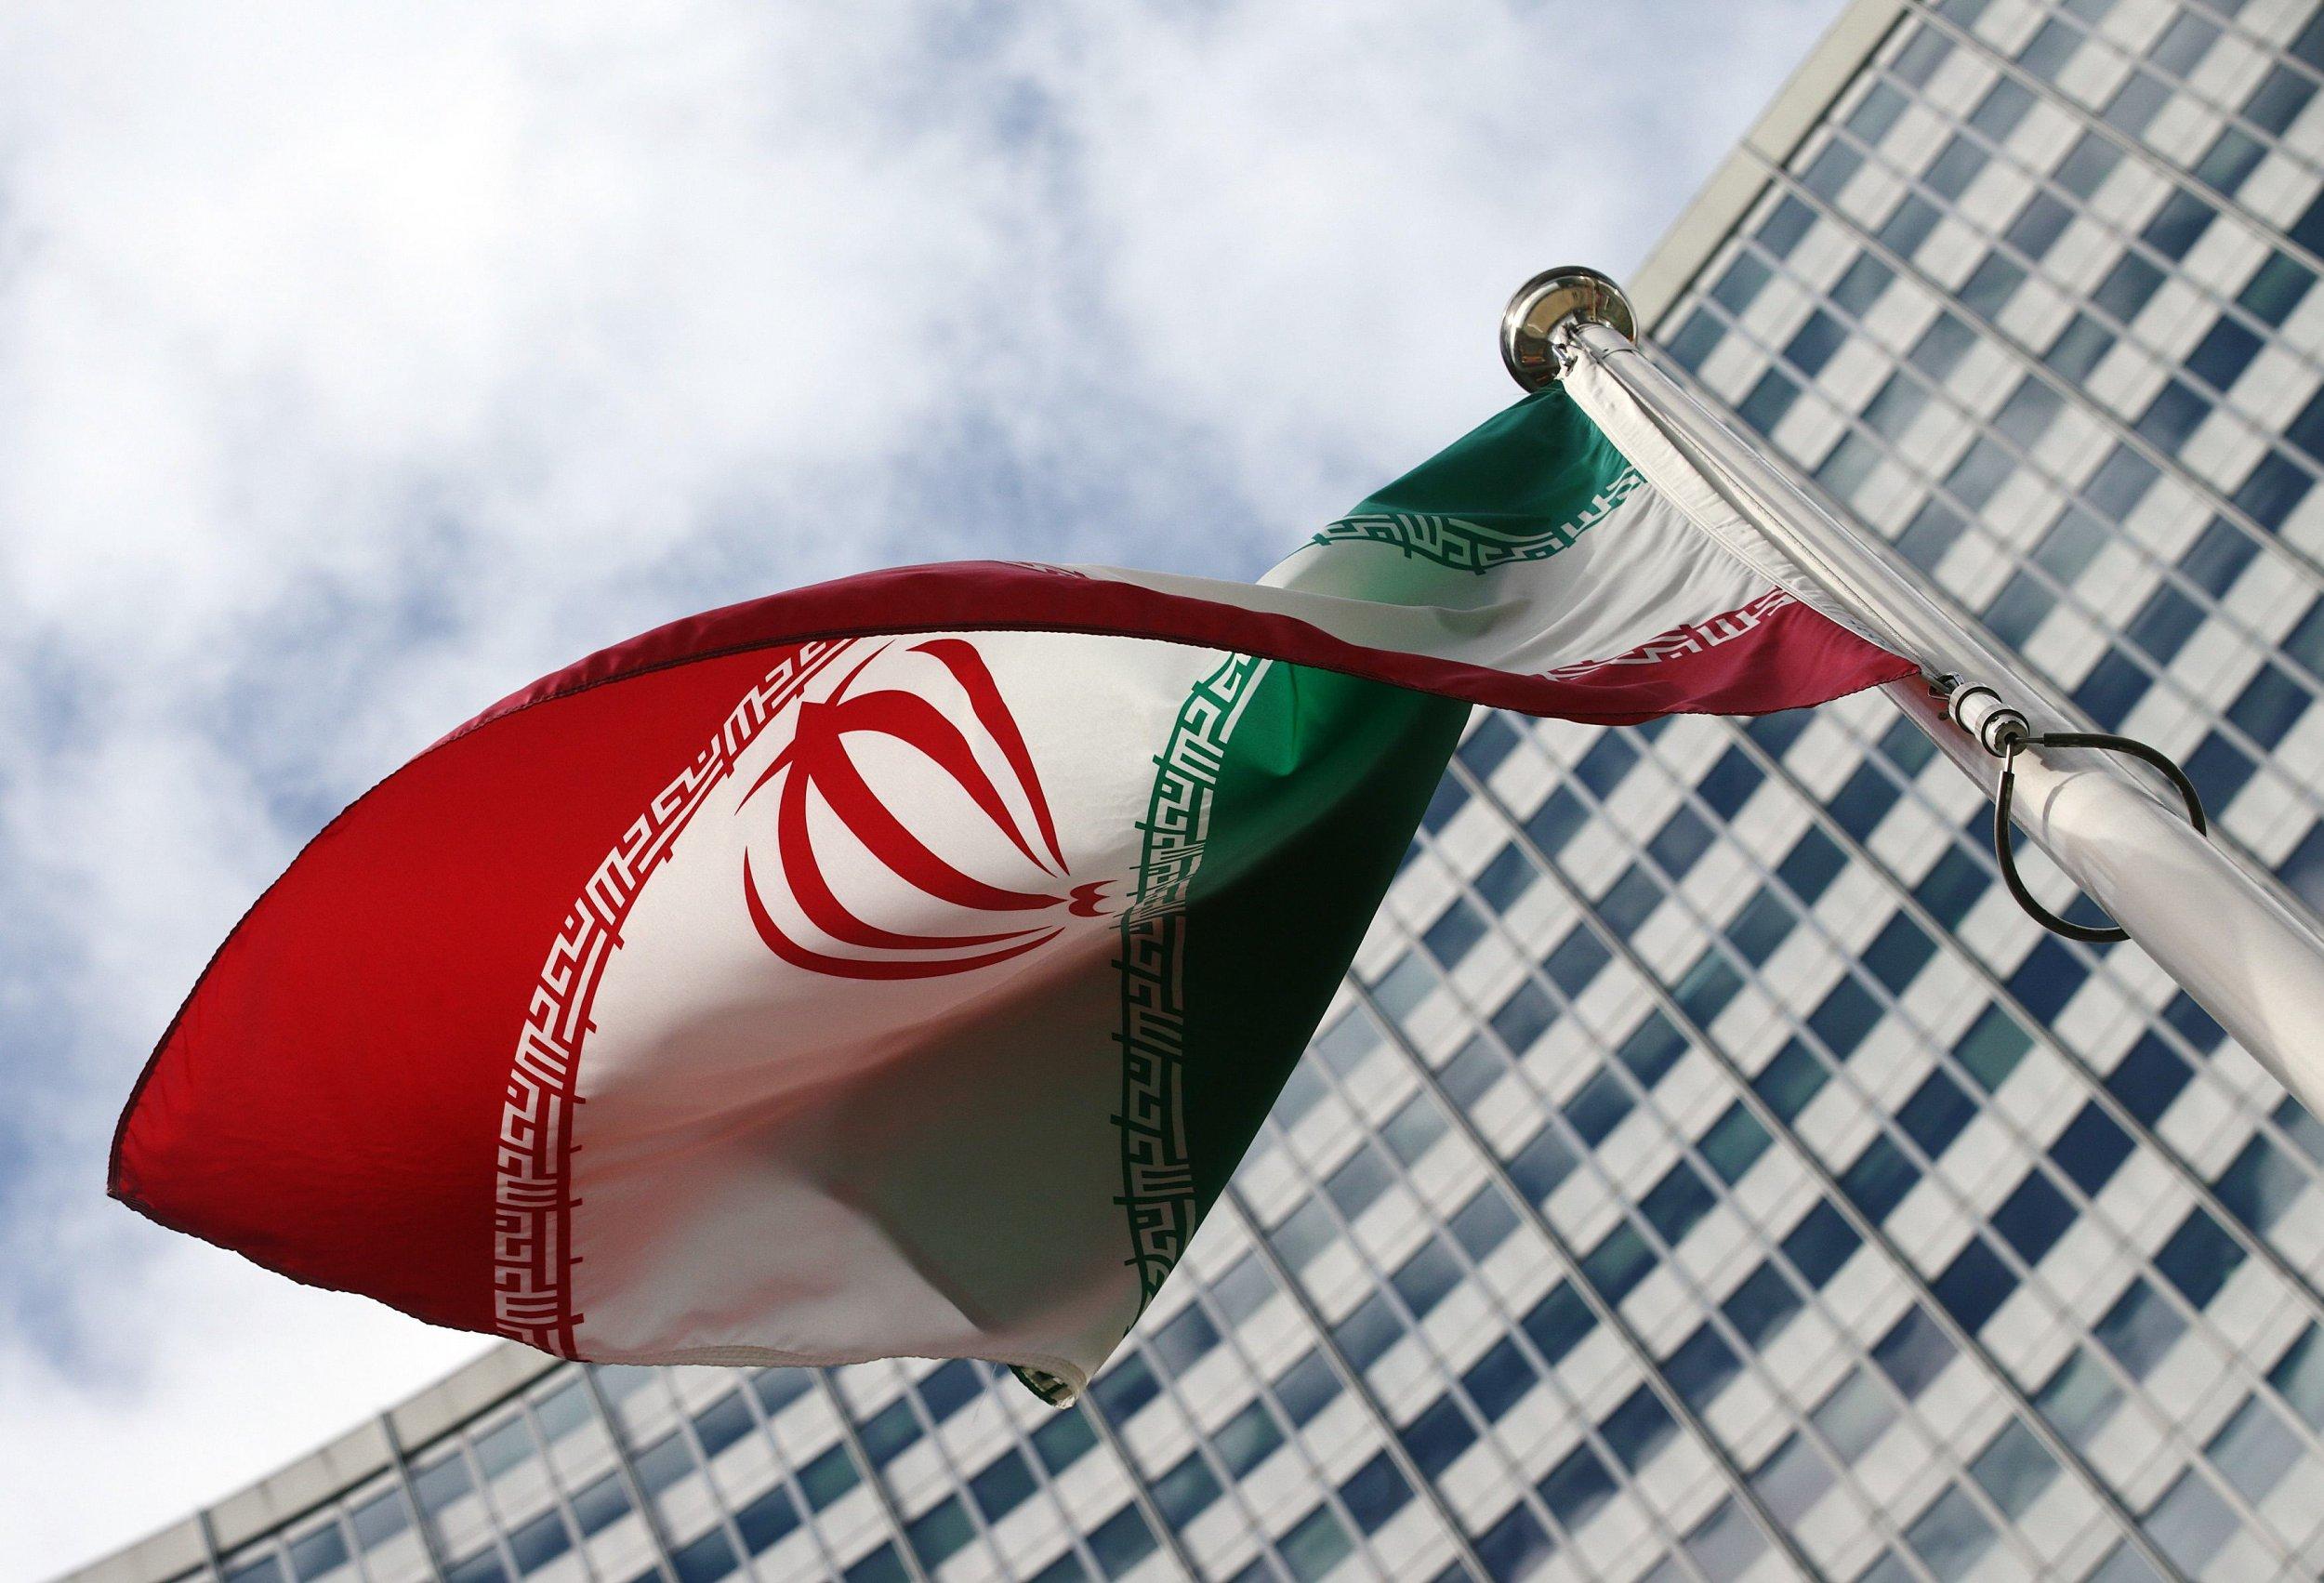 2015-03-10T094809Z_1_LYNXMPEB290C2_RTROPTP_4_IRAN-NUCLEAR-IAEA